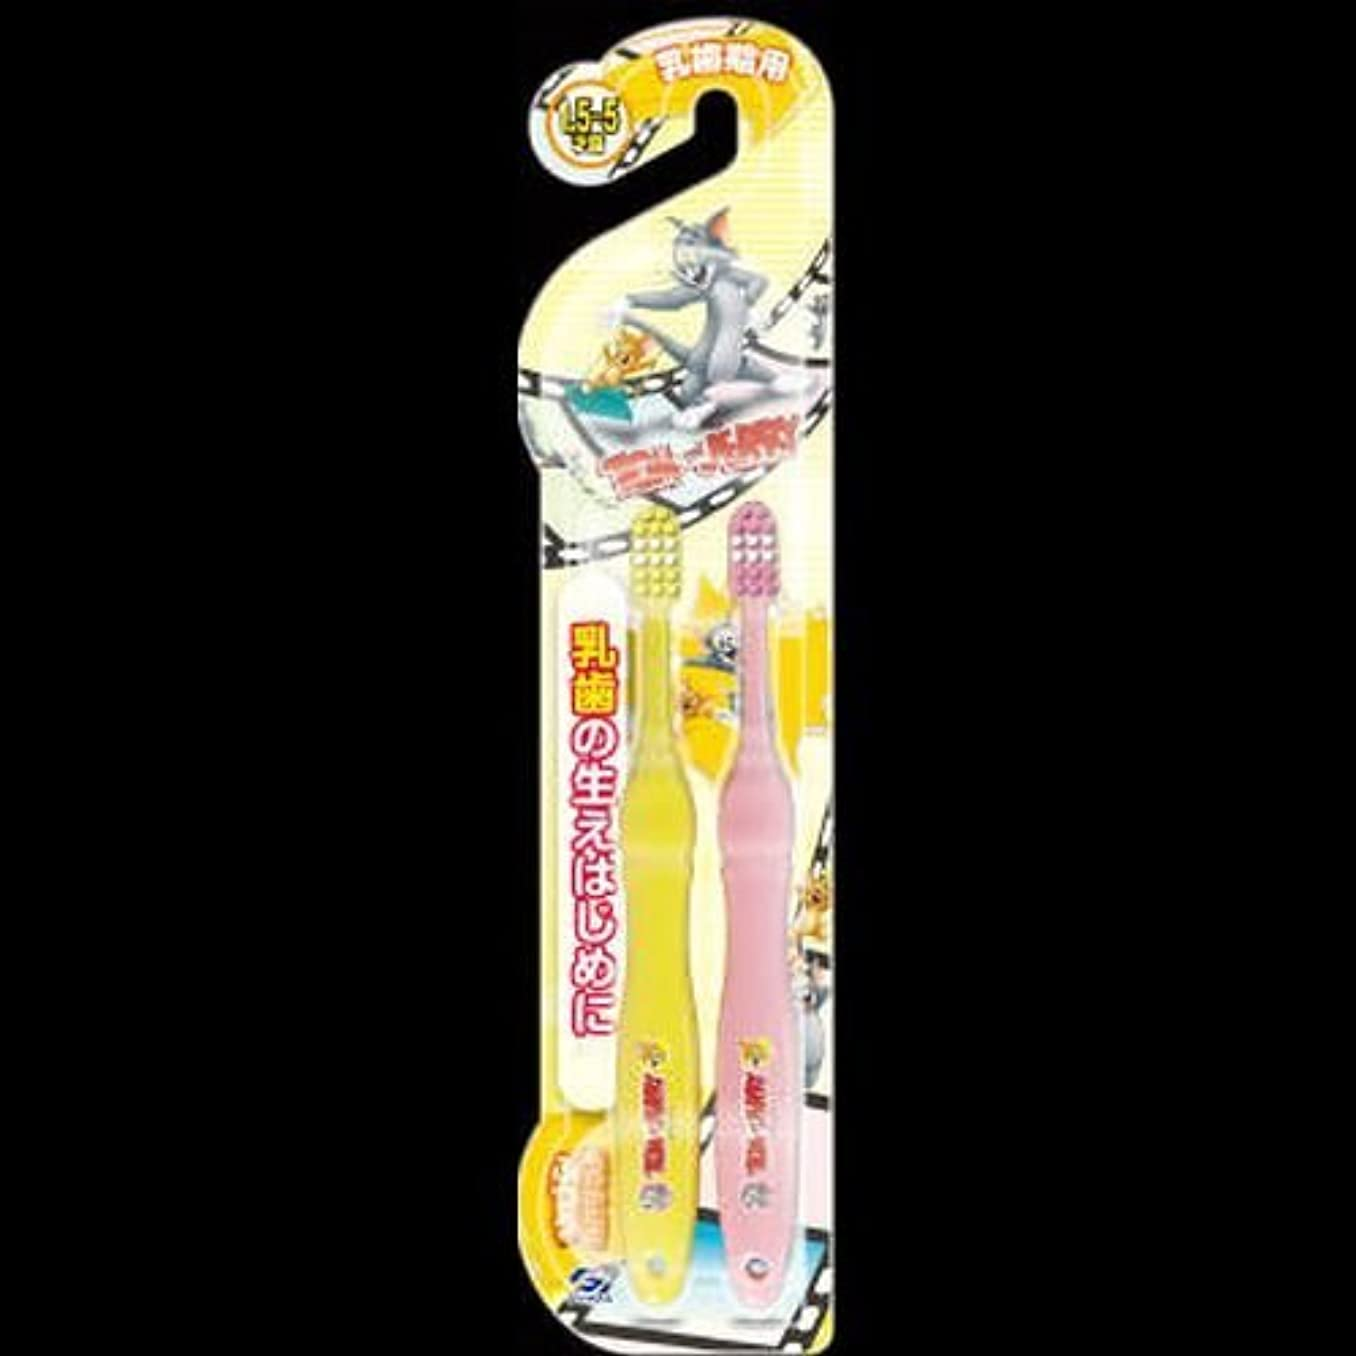 超える特権的ブルゴーニュトム&ジェリーハブラシ 乳歯期用(1.5-5才) 2本組 ×2セット